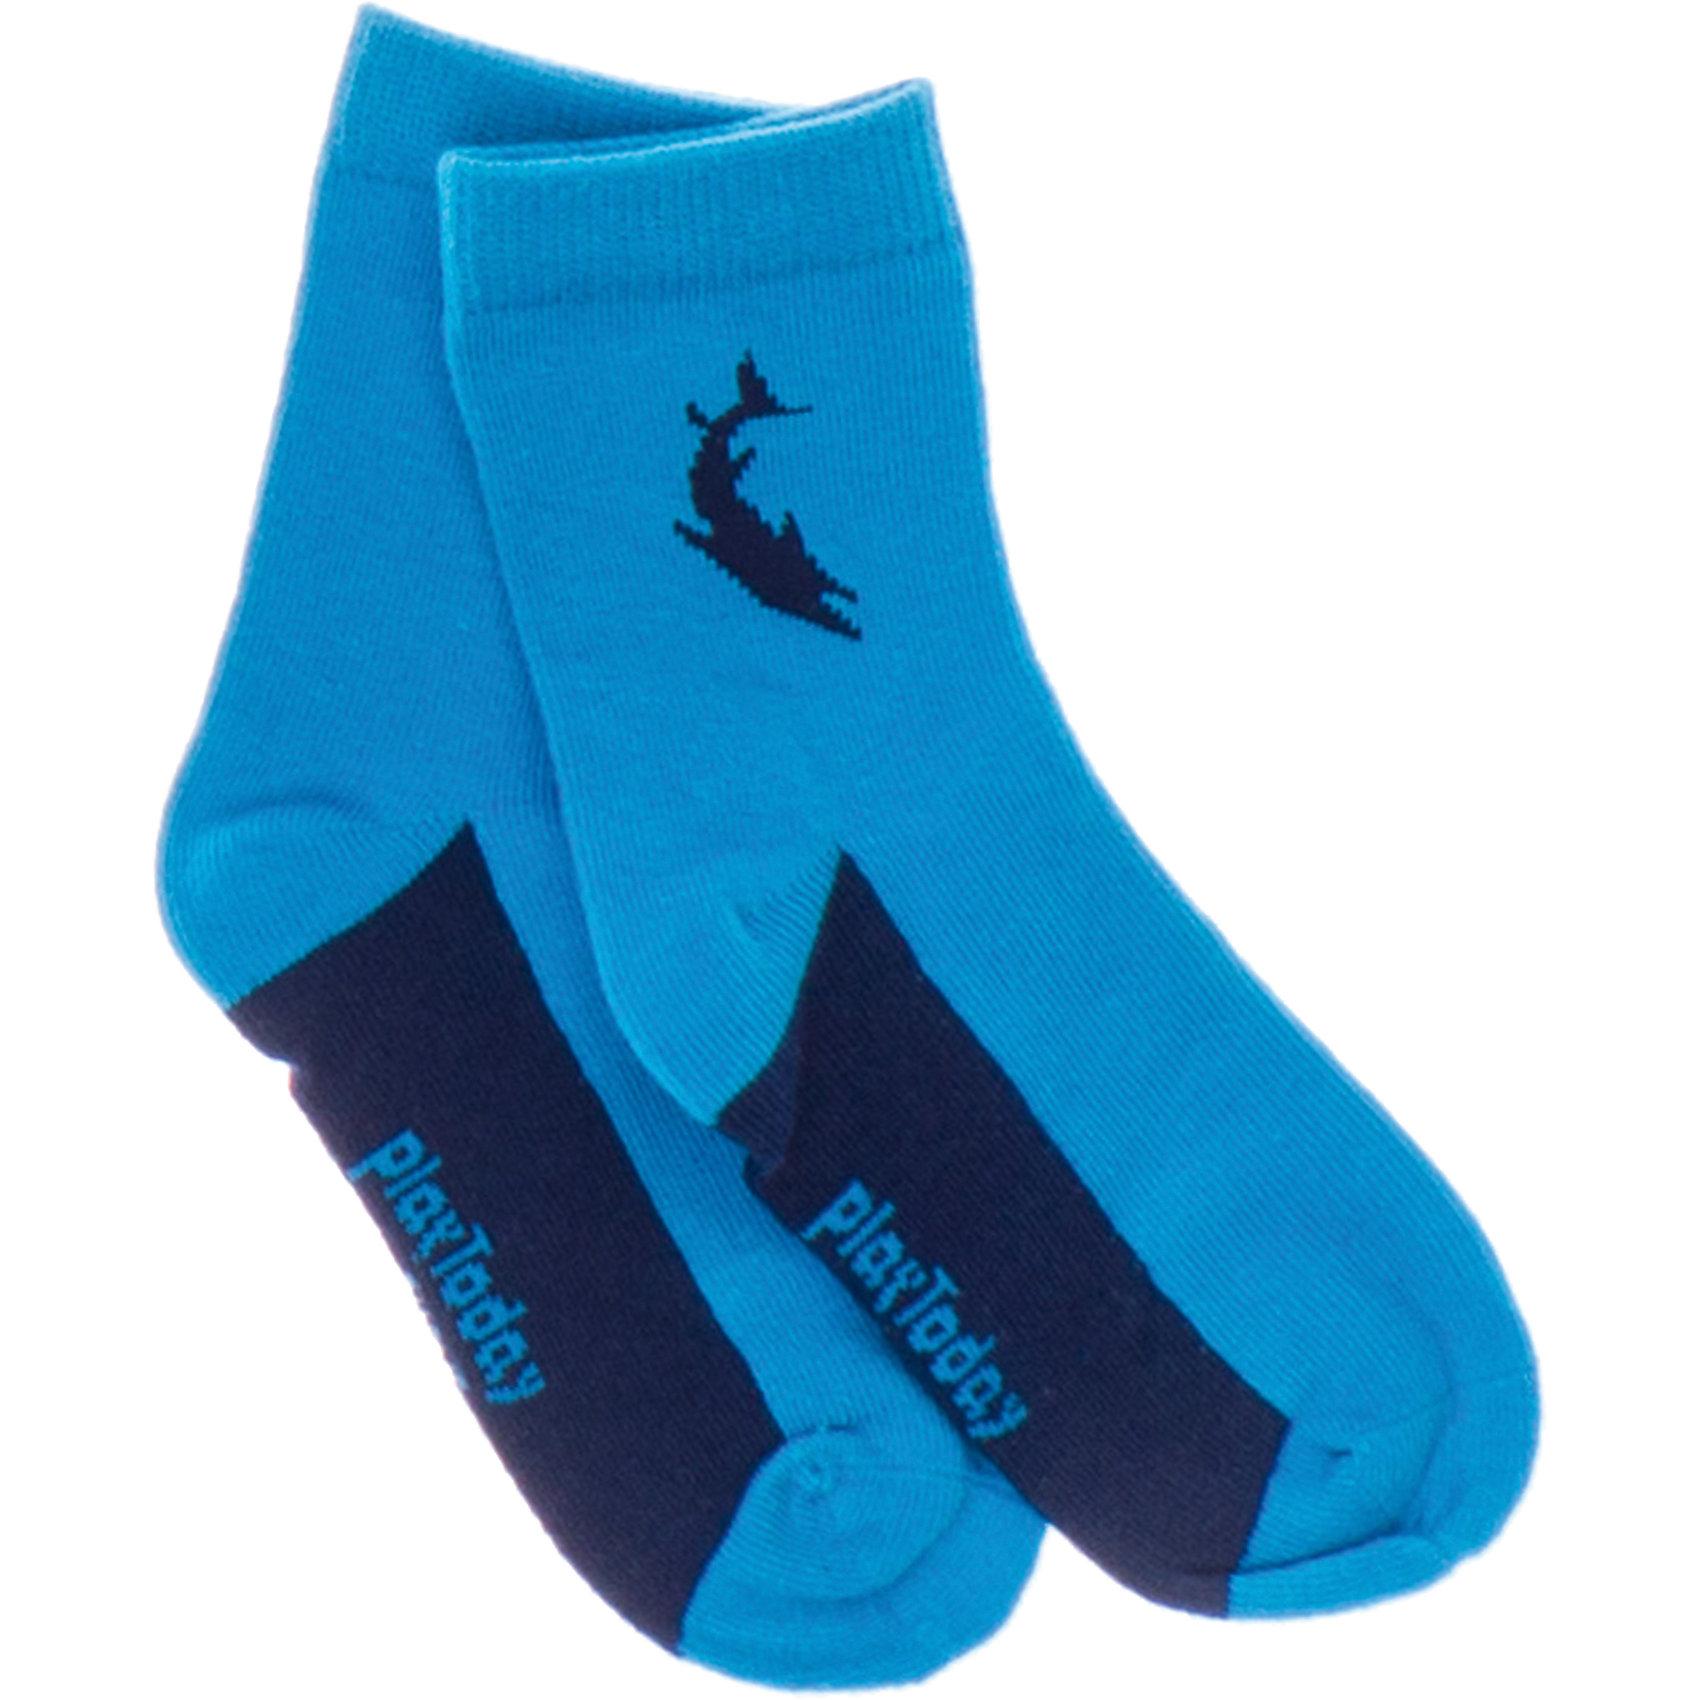 Носки для мальчика PlayTodayНоски для мальчика PlayToday <br><br>Состав: 75% хлопок, 22% нейлон, 3% эластан <br><br>Яркие хлопковые носки. <br>Легкие и удобные.<br><br>Ширина мм: 87<br>Глубина мм: 10<br>Высота мм: 105<br>Вес г: 115<br>Цвет: синий<br>Возраст от месяцев: 156<br>Возраст до месяцев: 168<br>Пол: Мужской<br>Возраст: Детский<br>Размер: 98/104,110/116,122/128<br>SKU: 4502692